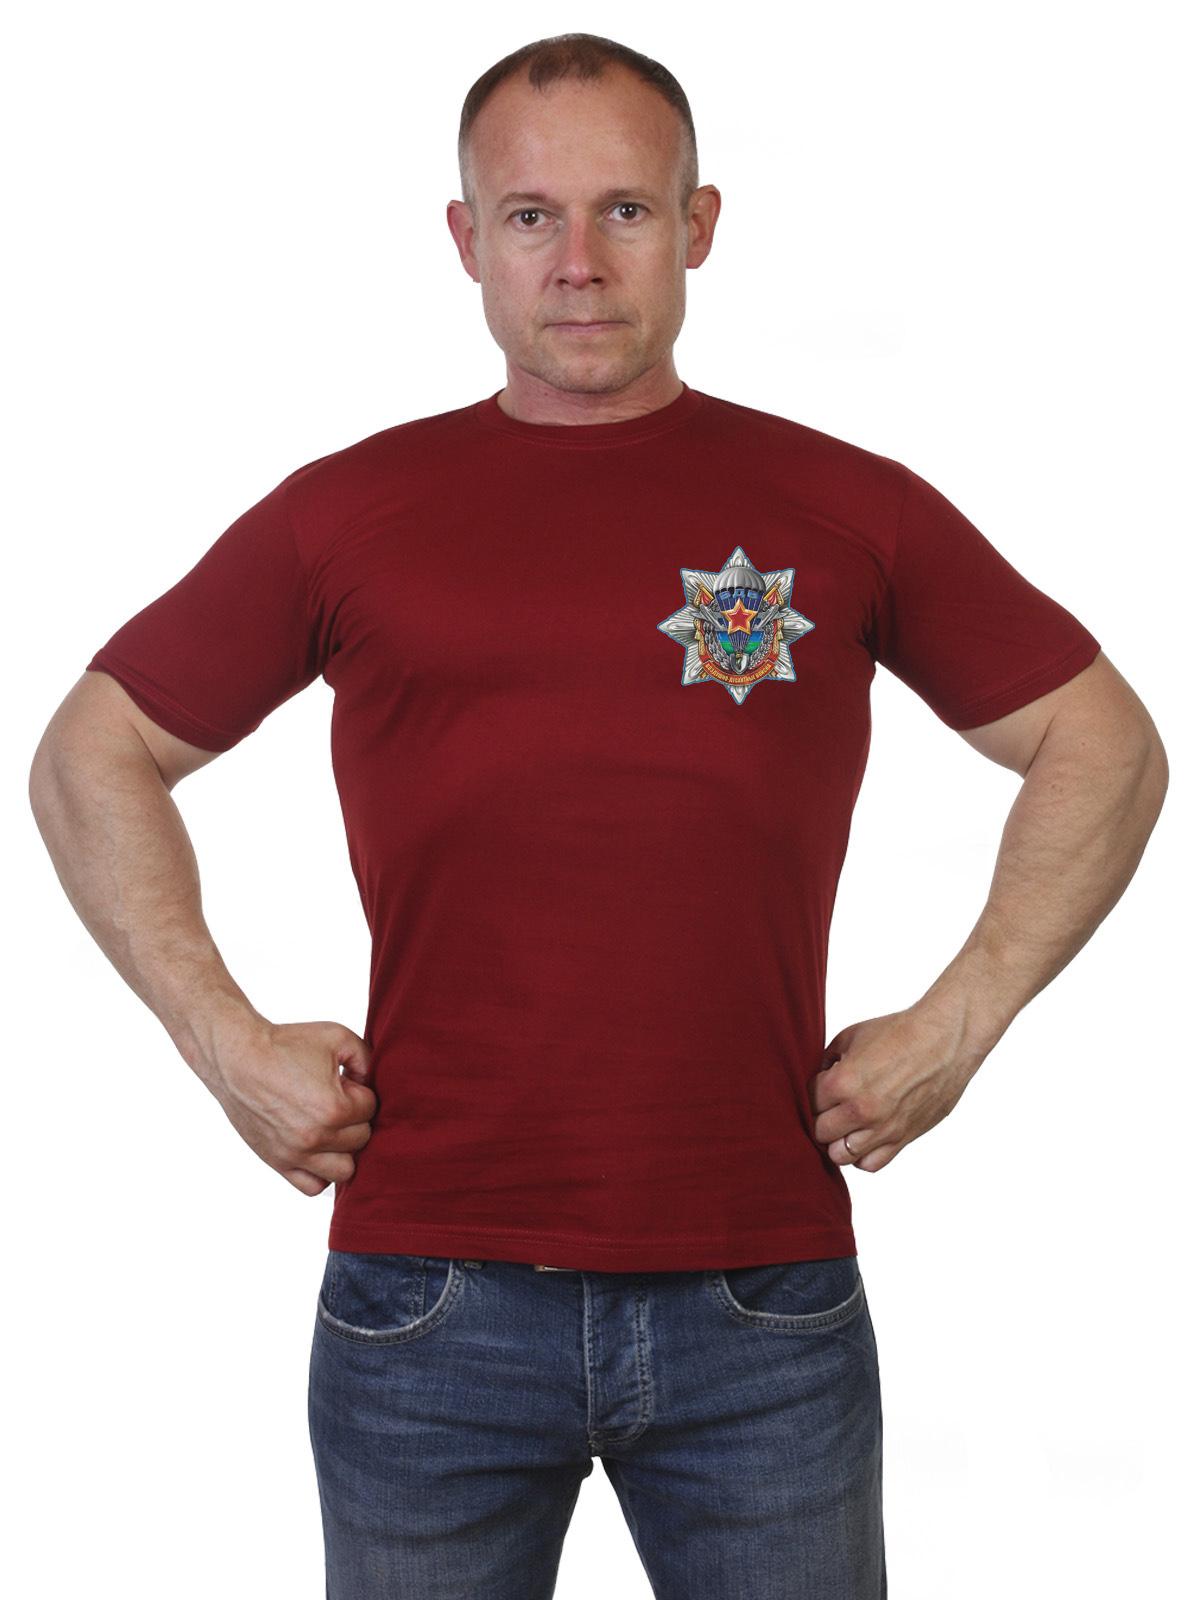 Купить мужскую оригинальную футболку с символикой ВДВ по экономичной цене